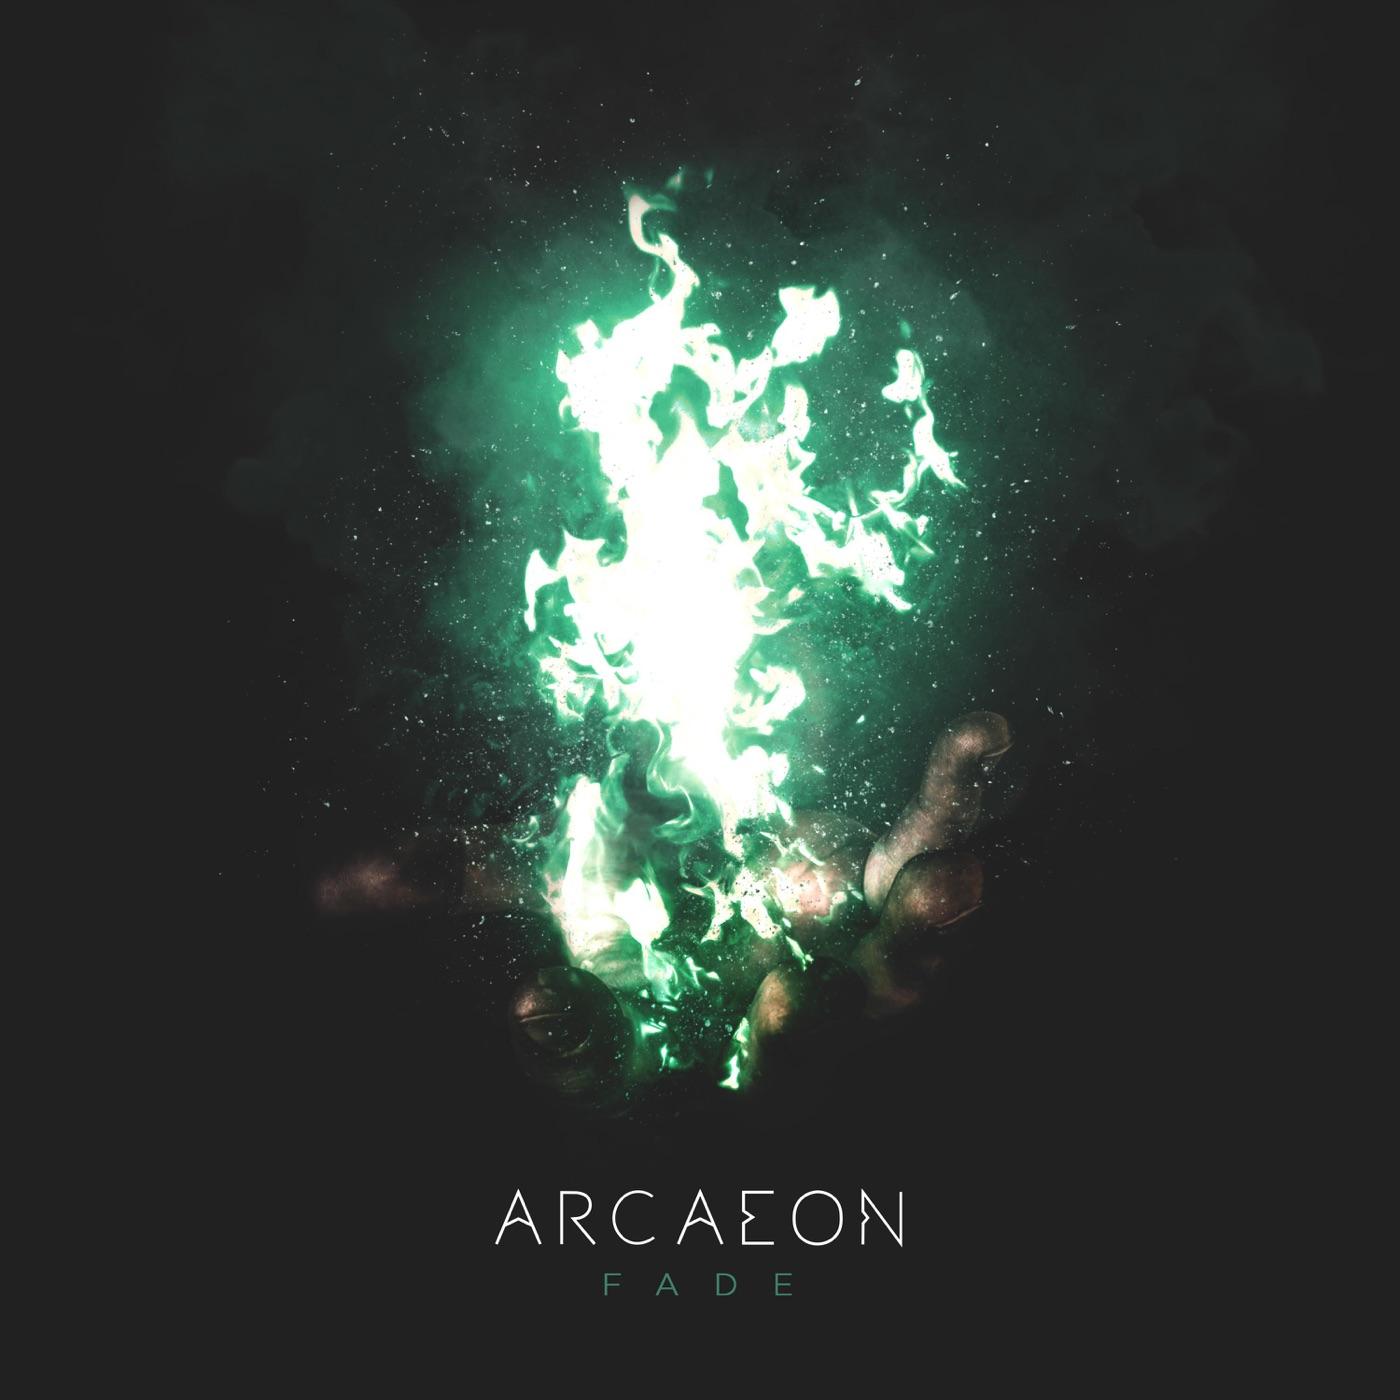 Arcaeon - Fade [single] (2017)